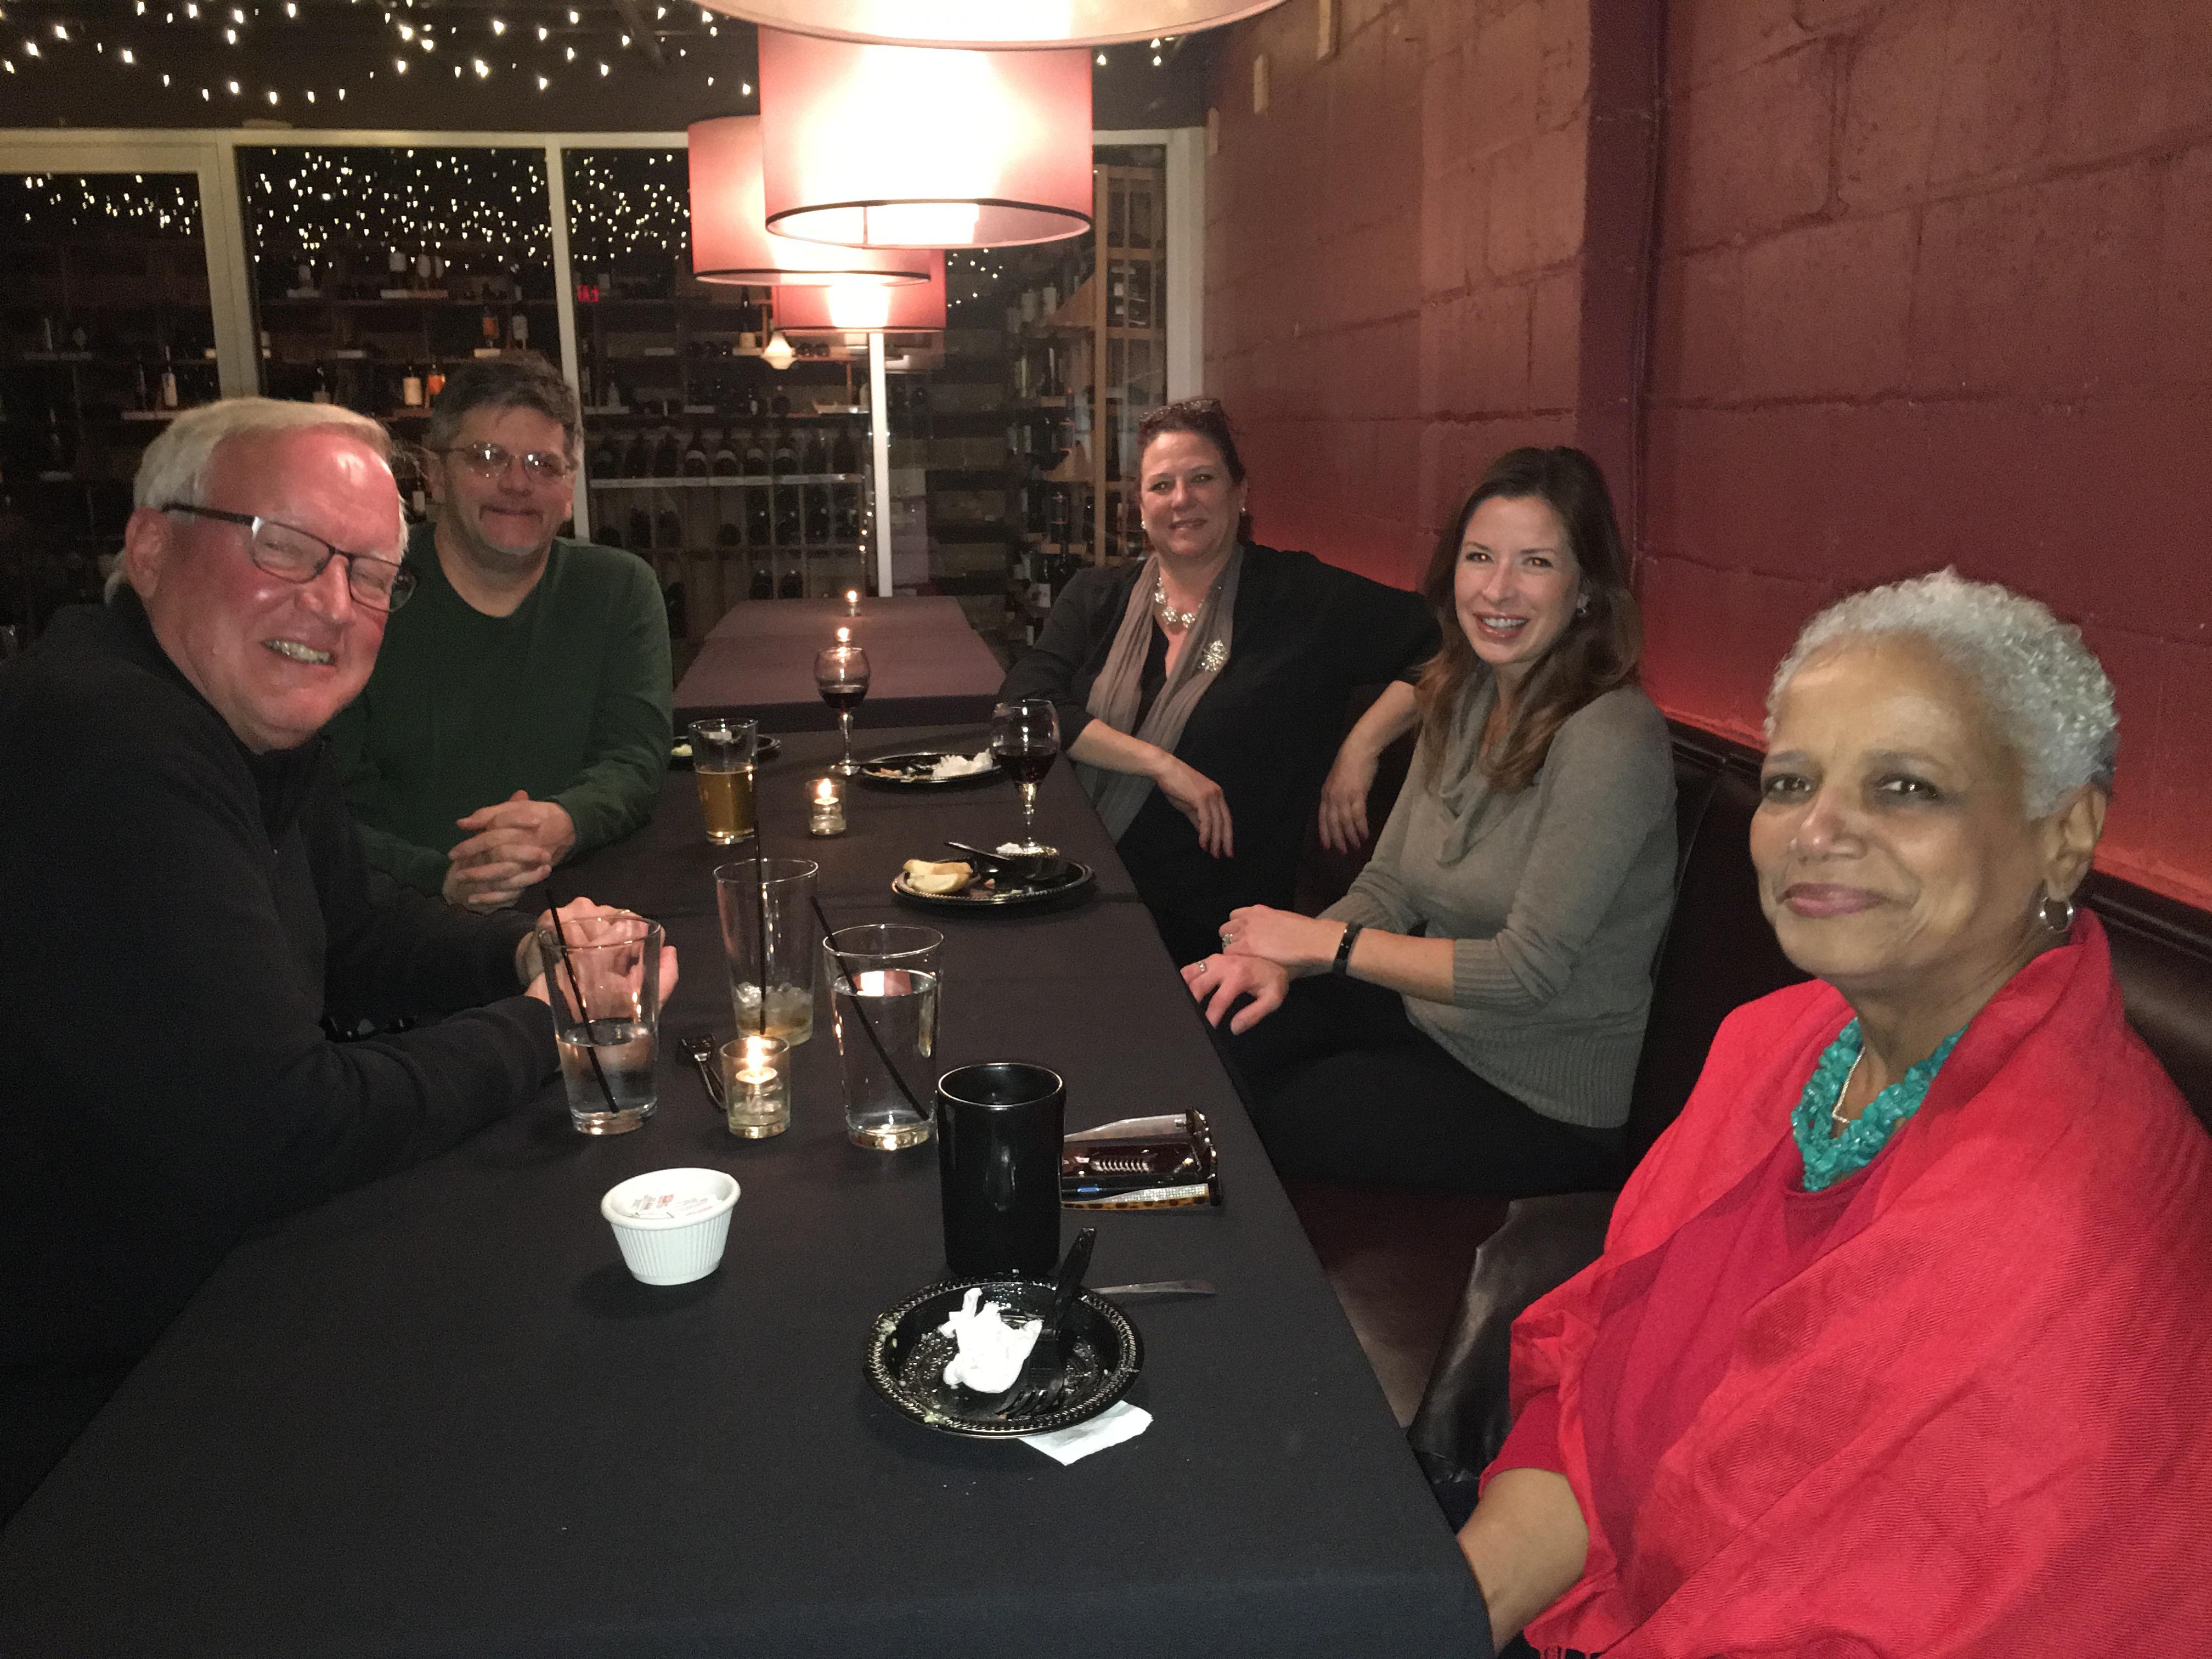 Members at table